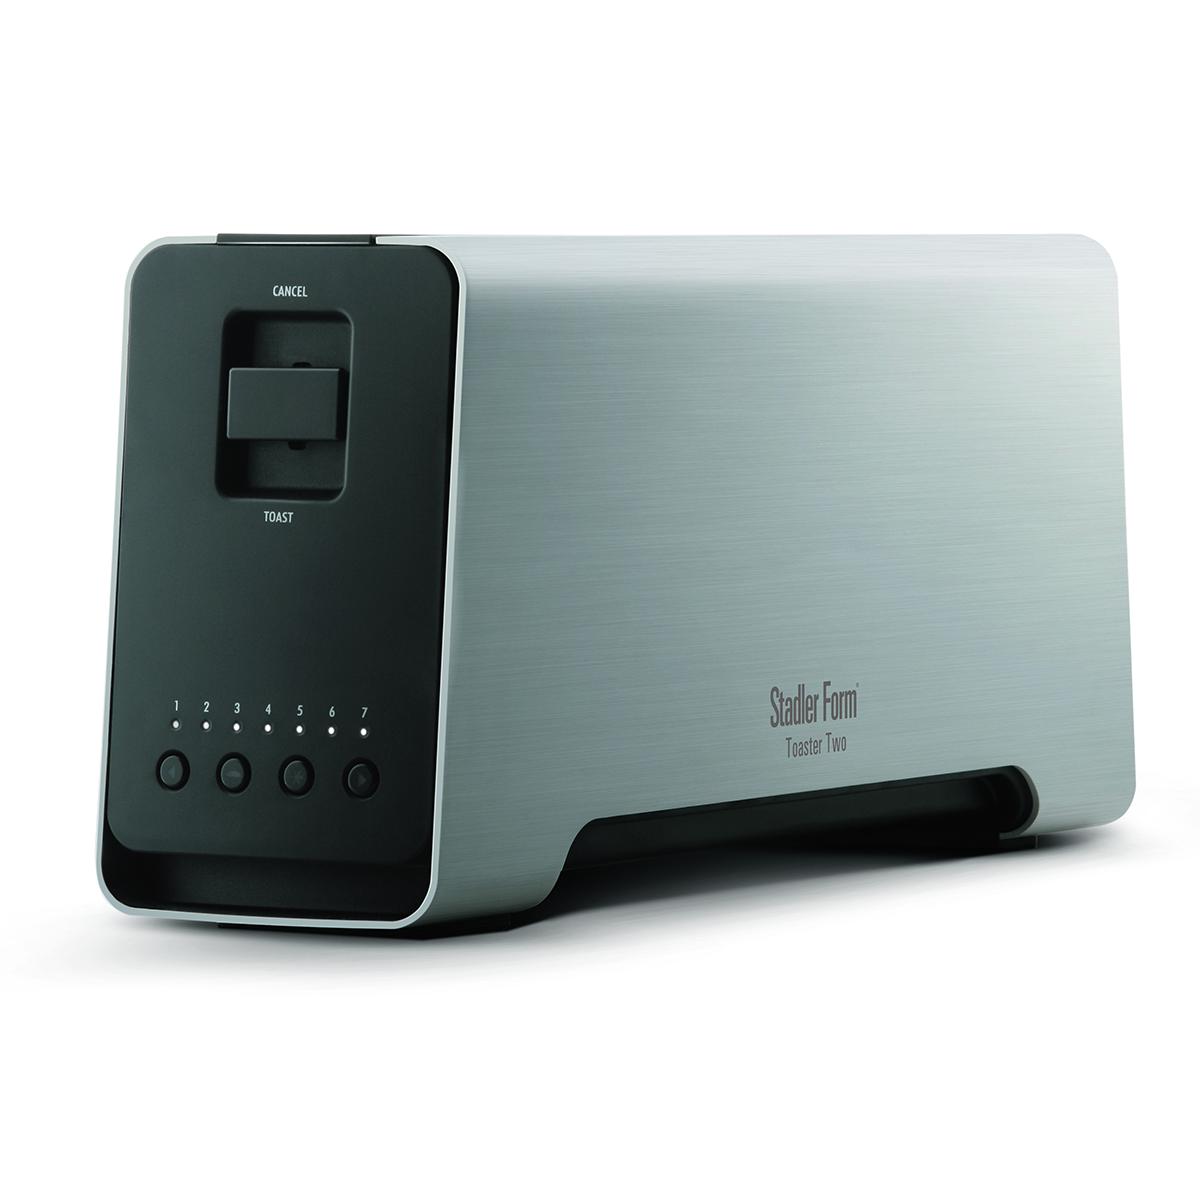 Toaster Two Aluminum - на 360.ru: цены, описание, характеристики, где купить в Москве.